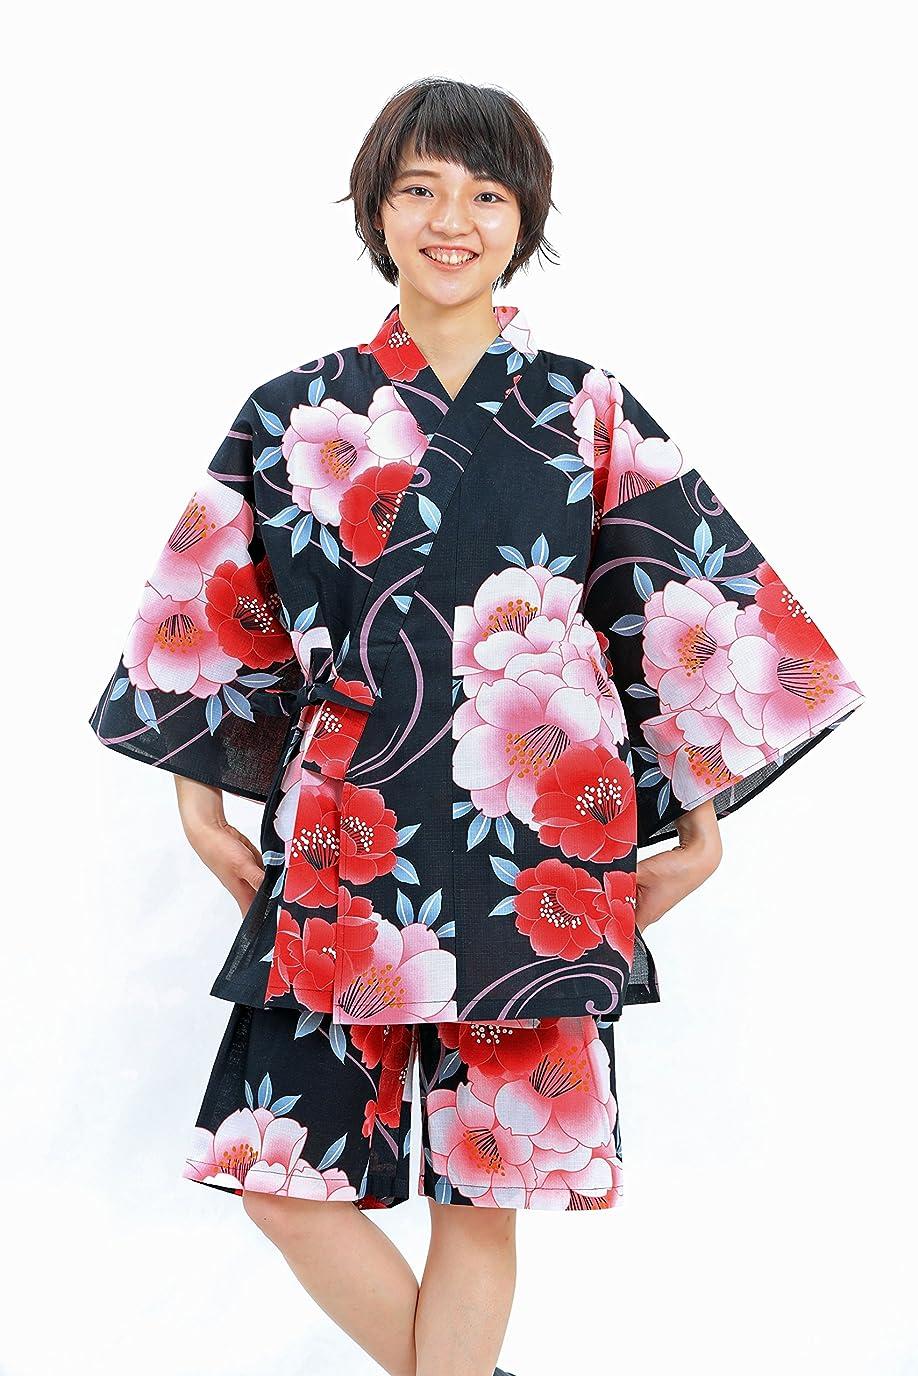 テスピアンミサイルレルム(オオキニ)大喜賑 作務衣 女性 くつろぎのひととき 木綿 無地 婦人用 5色 S~LL